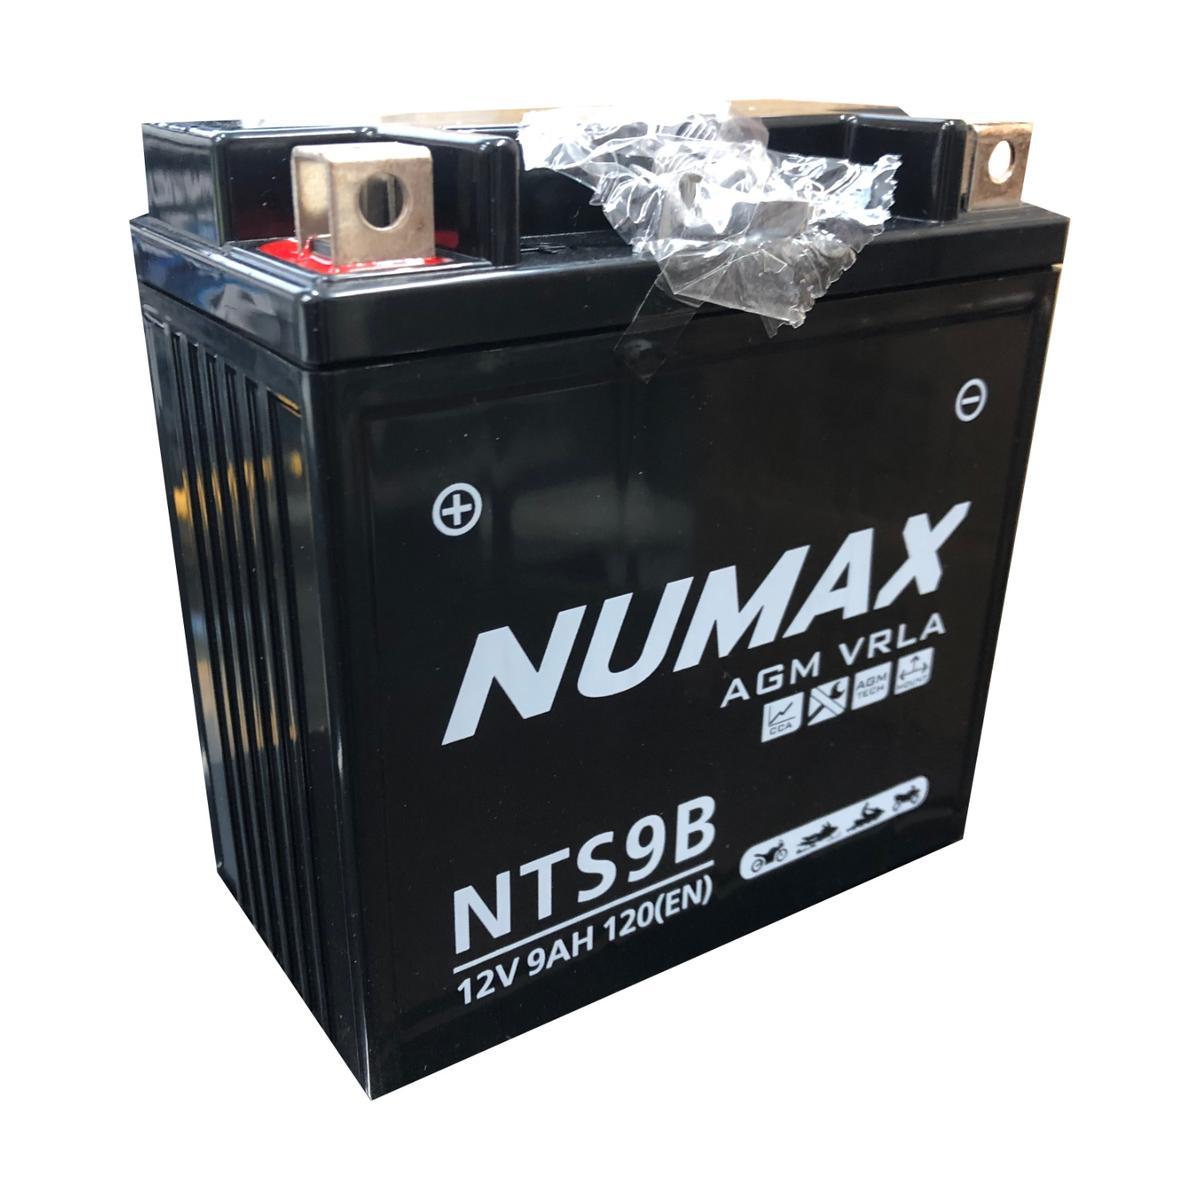 Numax NTS9B 12v Bike Motorbike Motorcycle Battery VESPA 150cc Hexagon YB9L-B